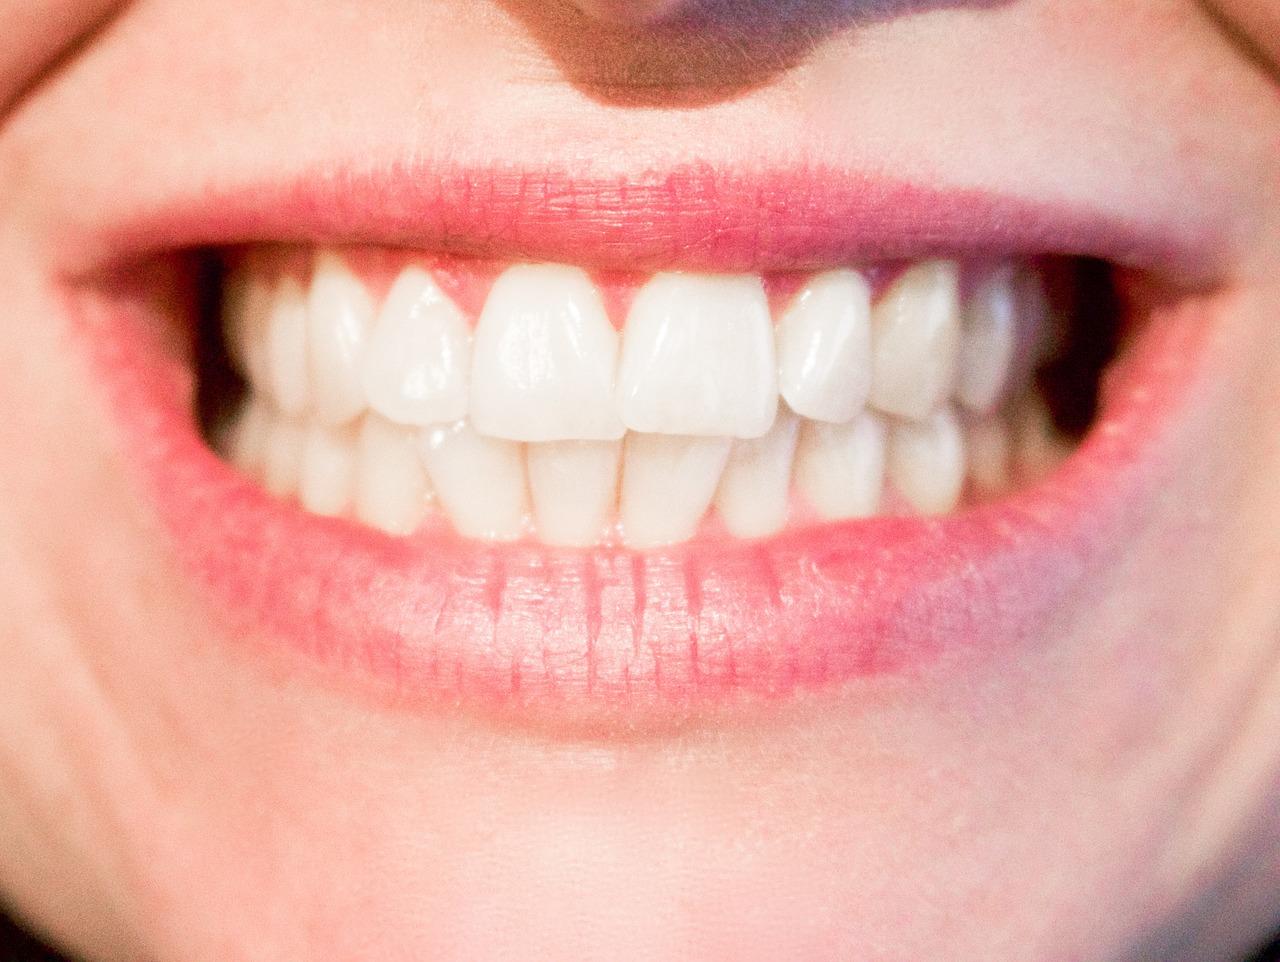 Tandlæge Hørsholm – i Nordsjælland  – Implantatbehandling